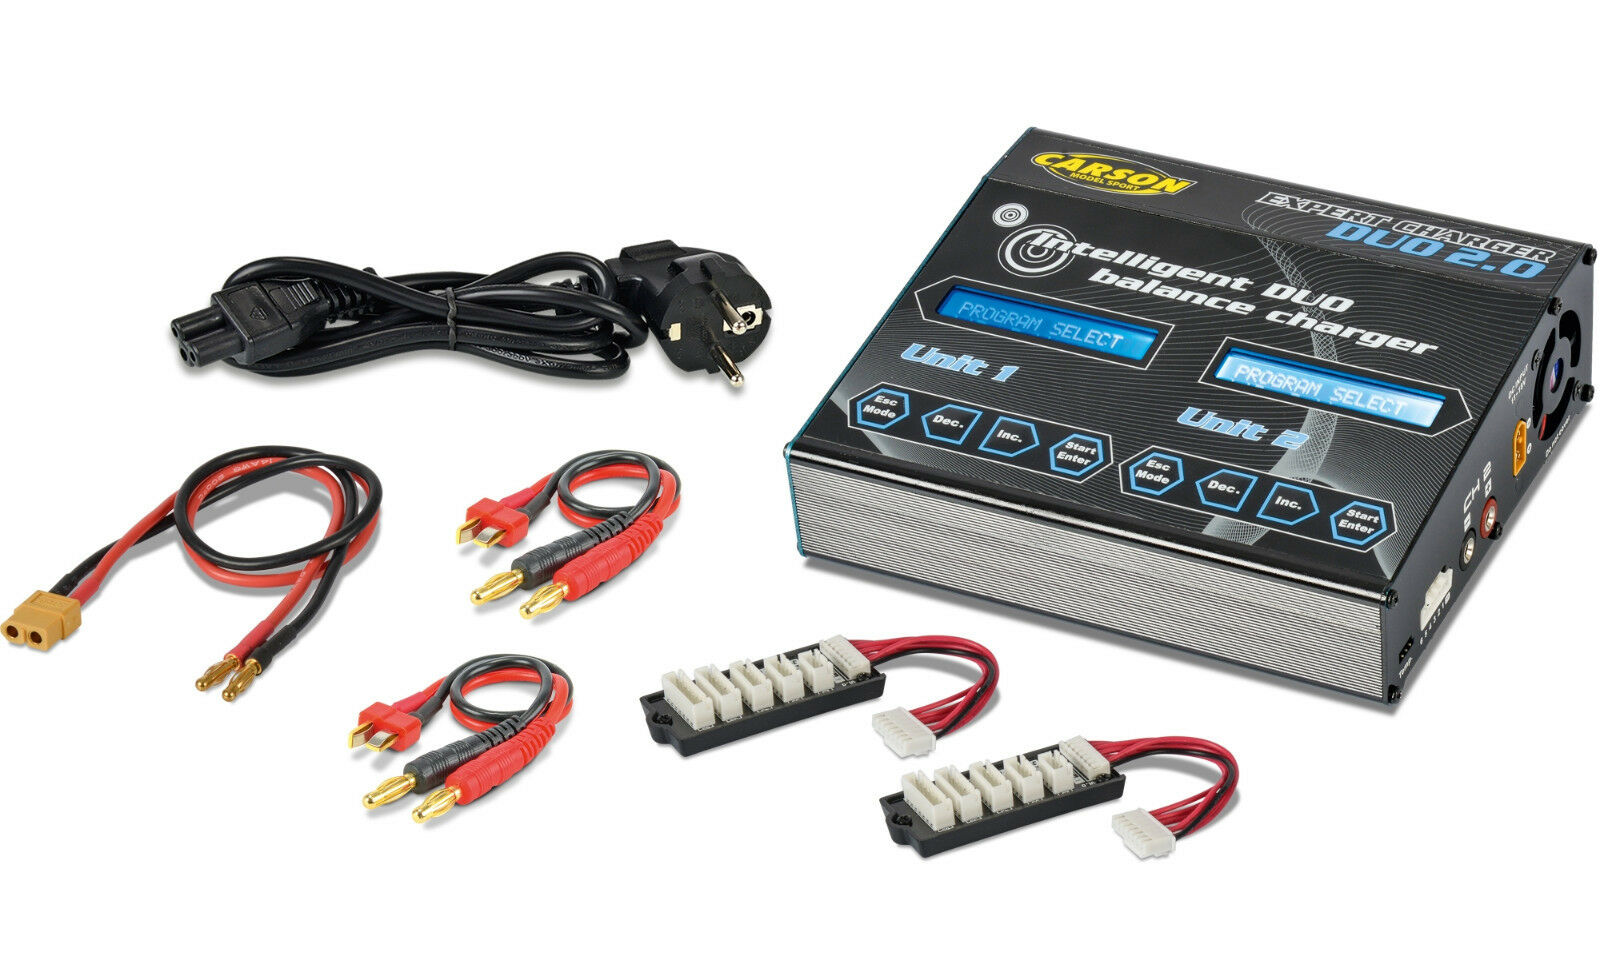 Carson 500608190 Expert Charger Duo mercancía nueva 2.0